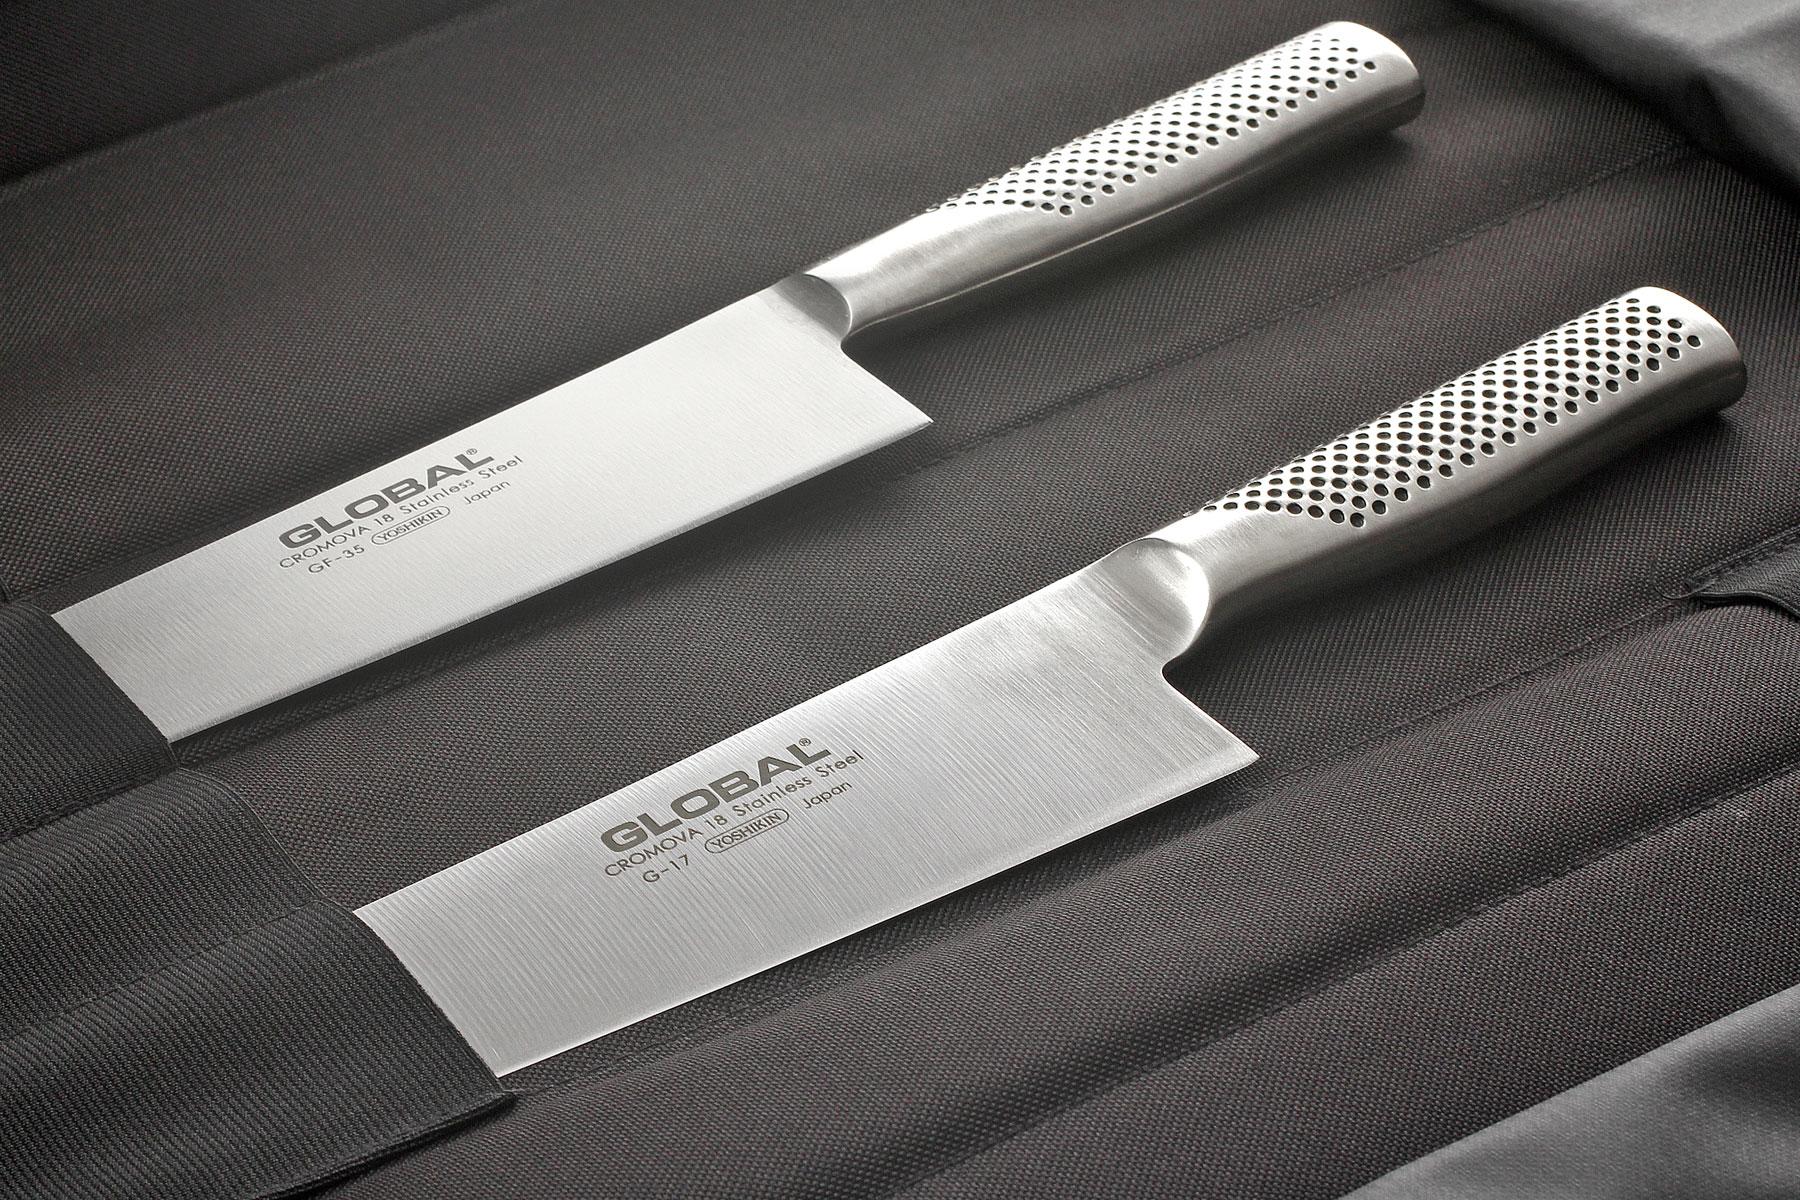 Trousse couteaux global g667 16 global - Trousse de couteaux de cuisine ...